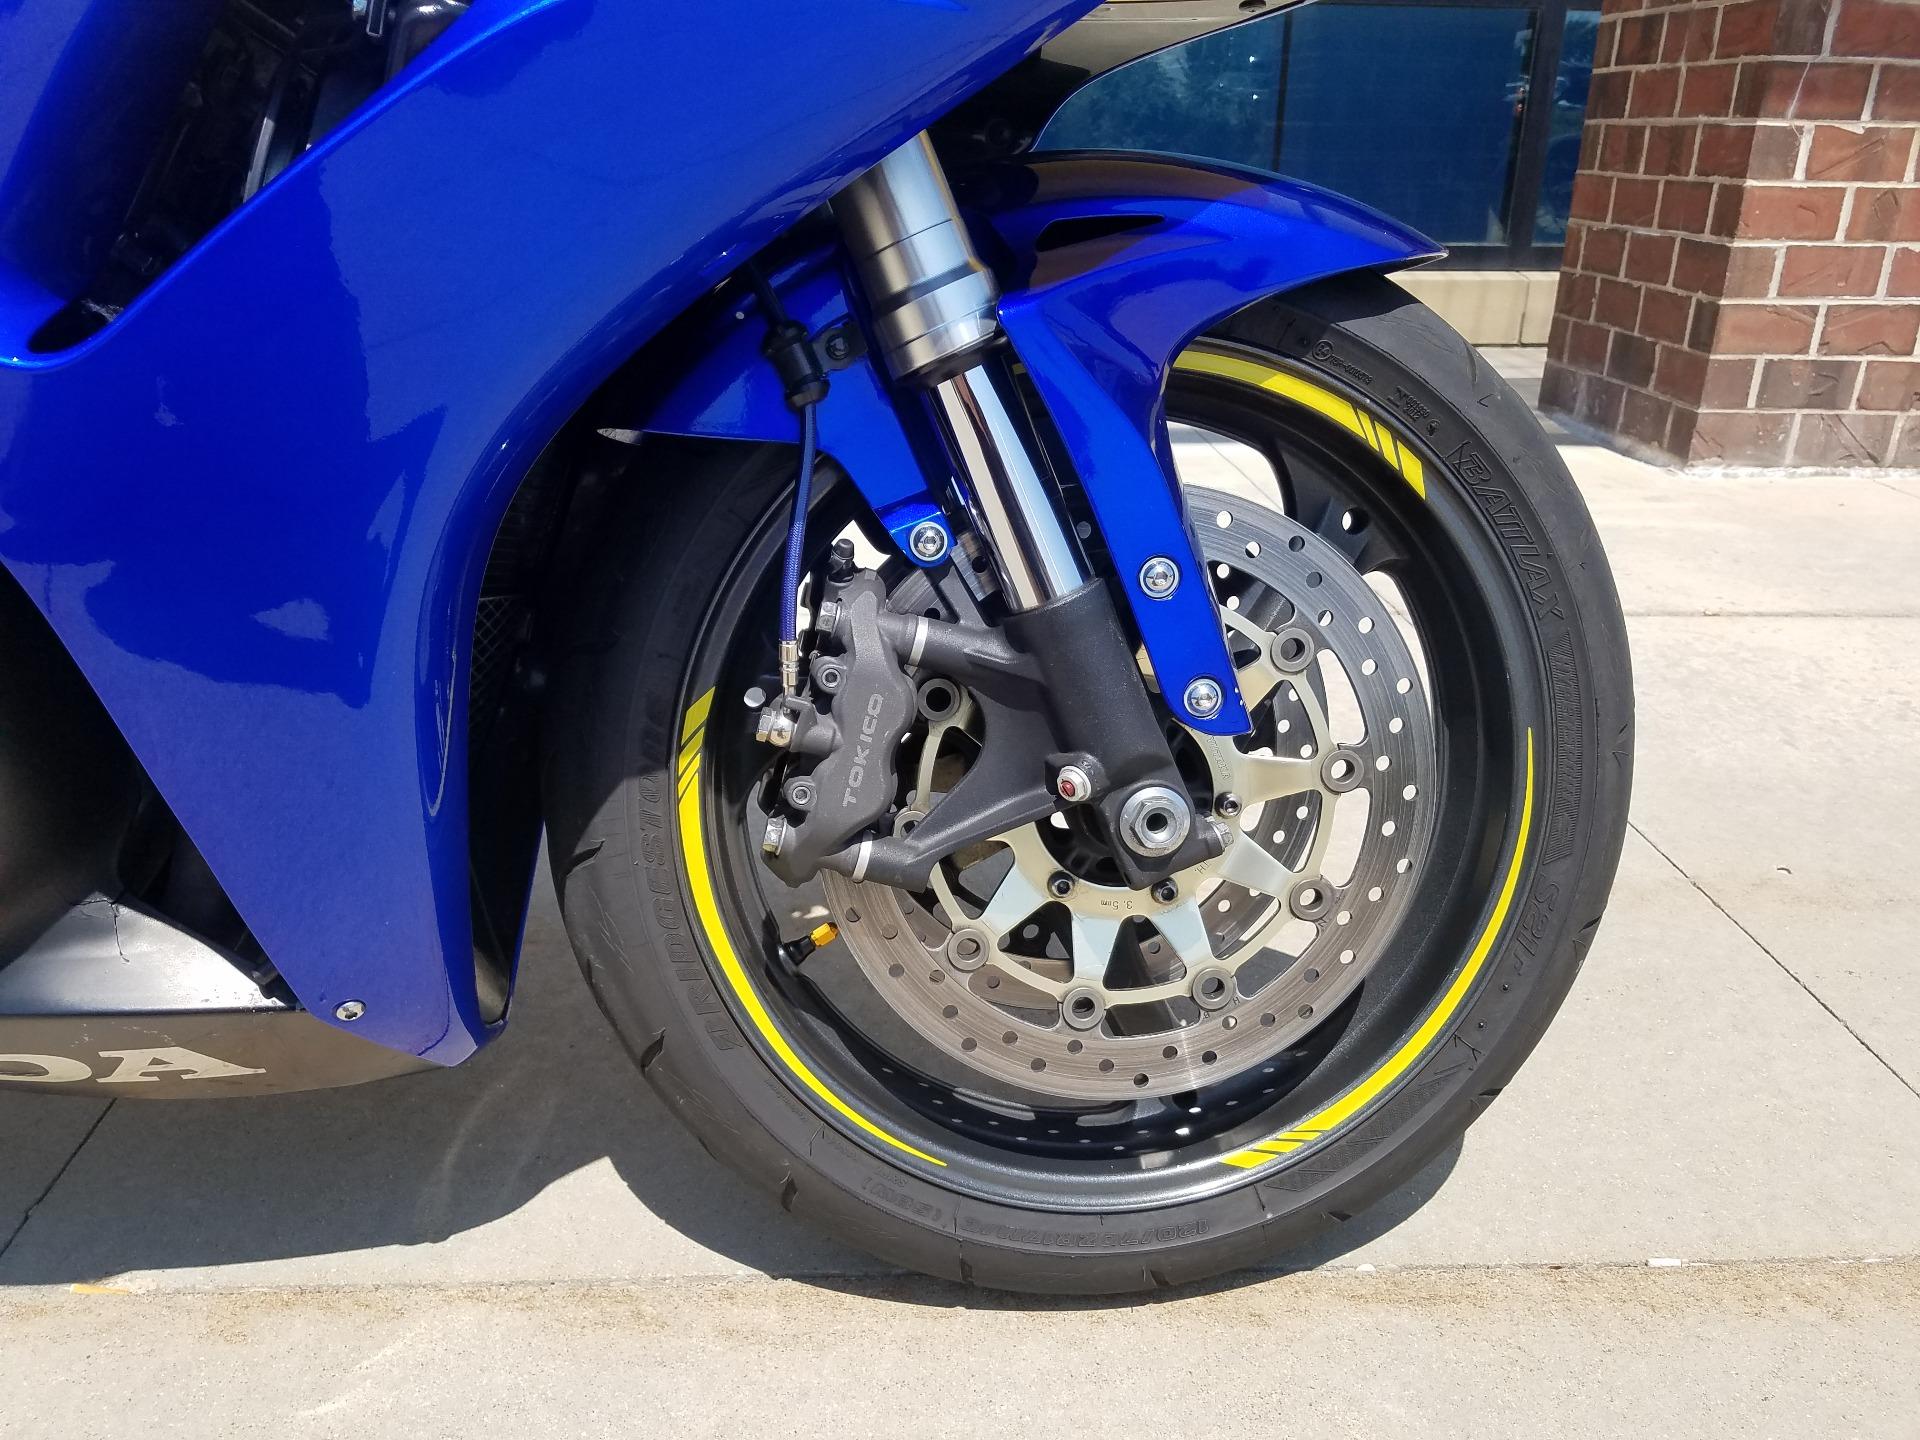 2006 Honda CBR1000RR 12